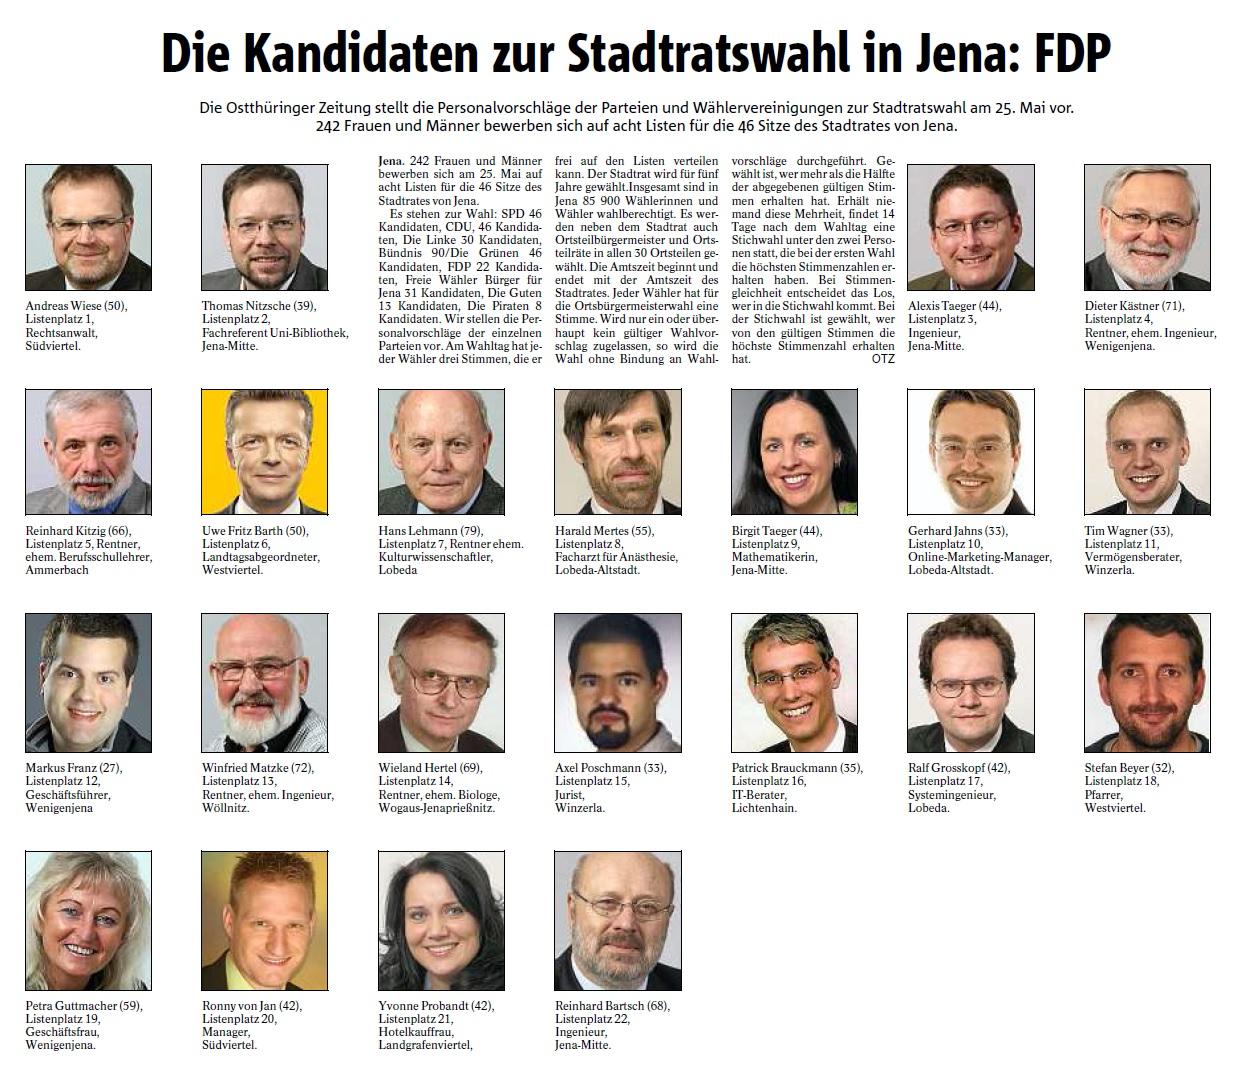 FDP-Kandidaten zur Kommunalwahl 2014